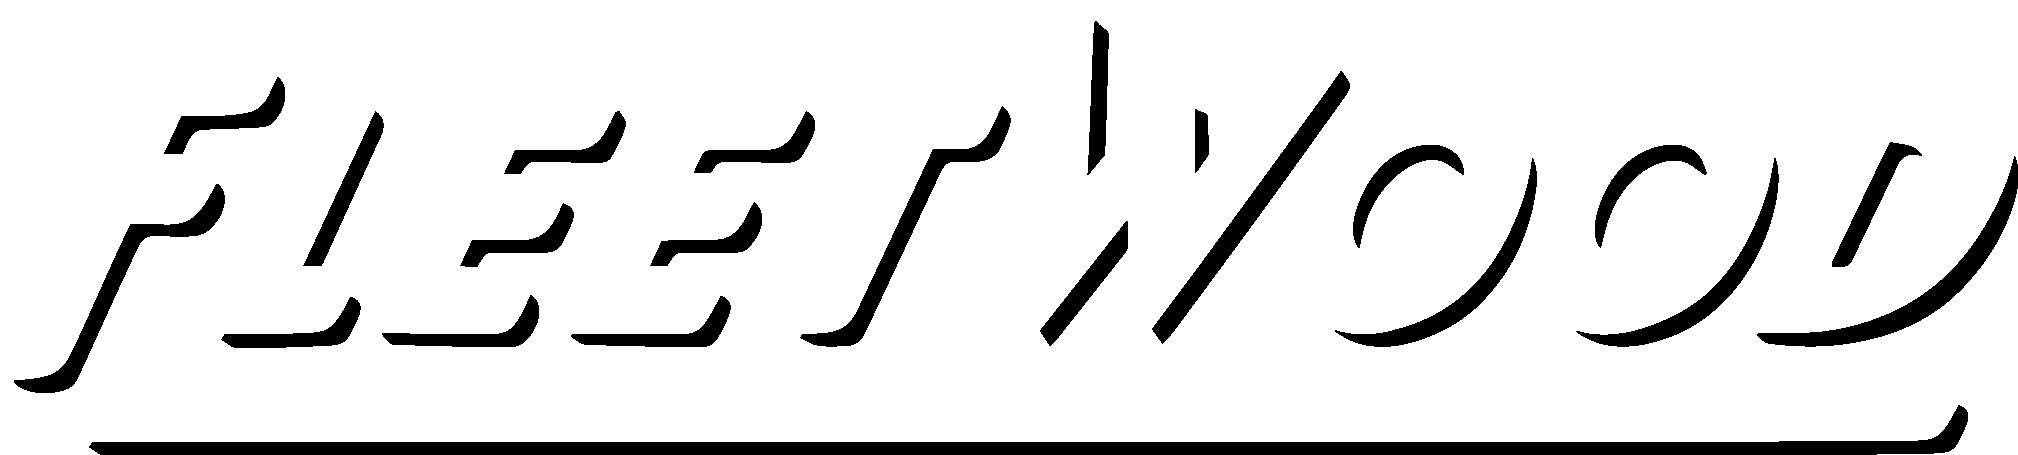 Fleet Wood